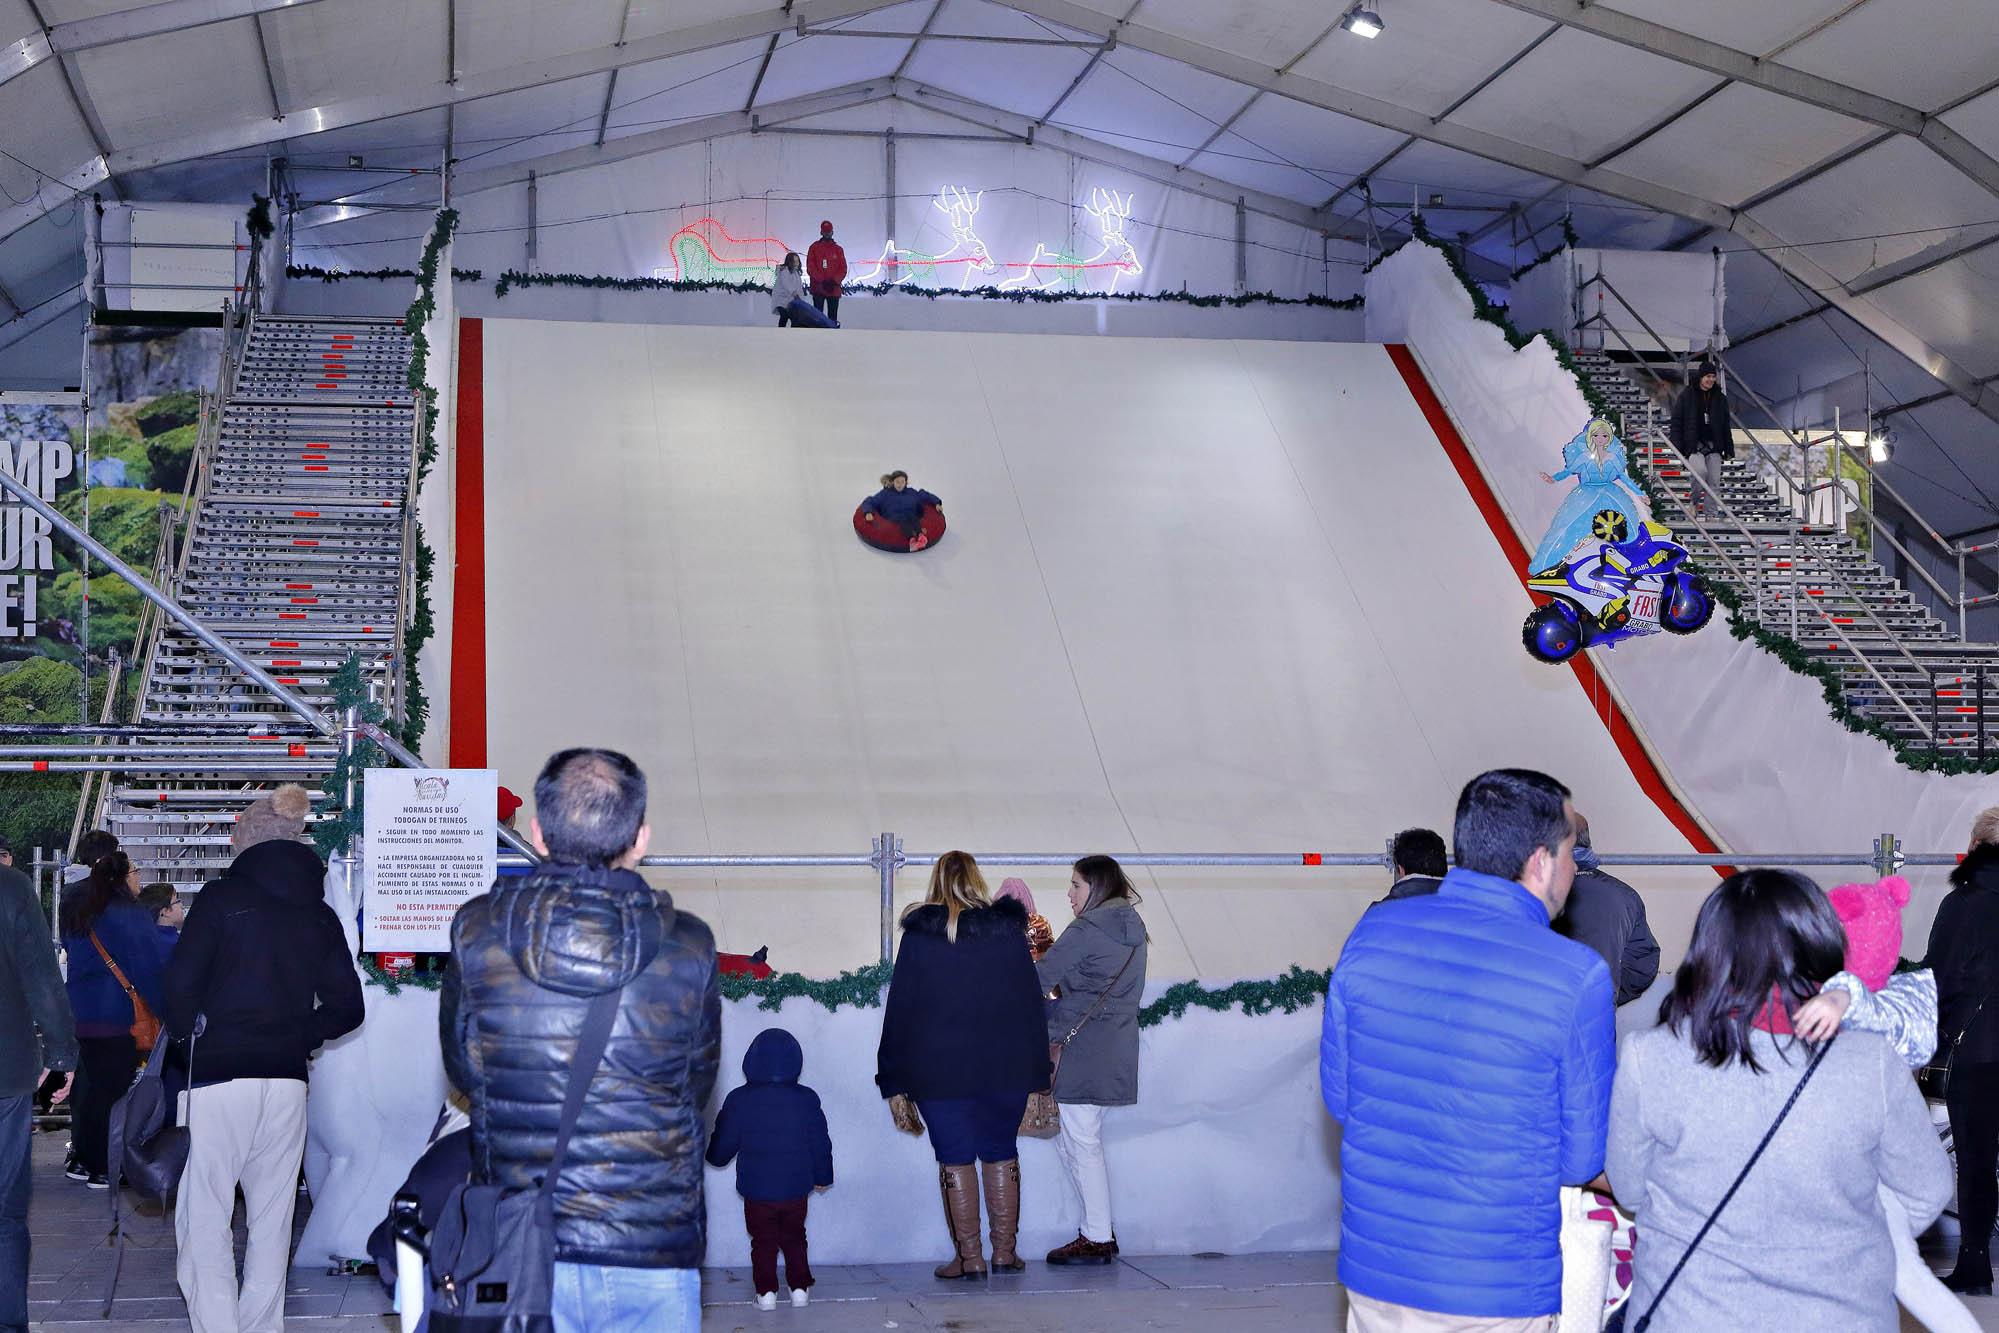 El tobogán de hielo mide 30 metros de altura.